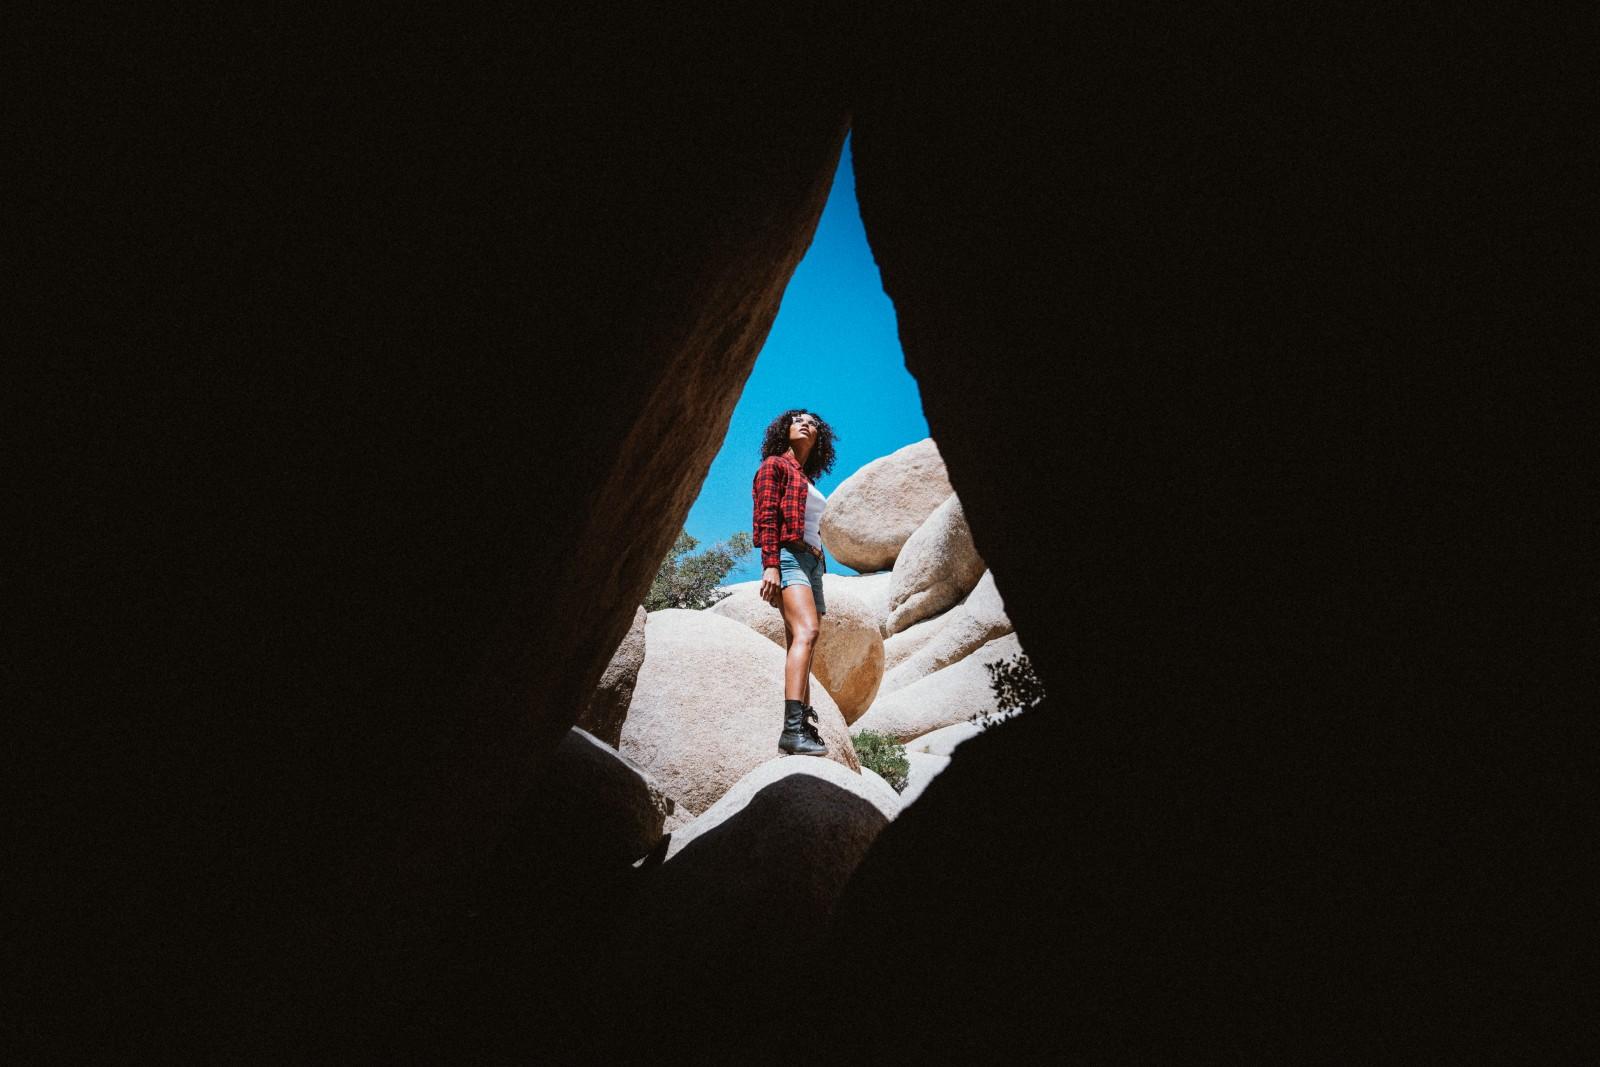 desert-photography-angle